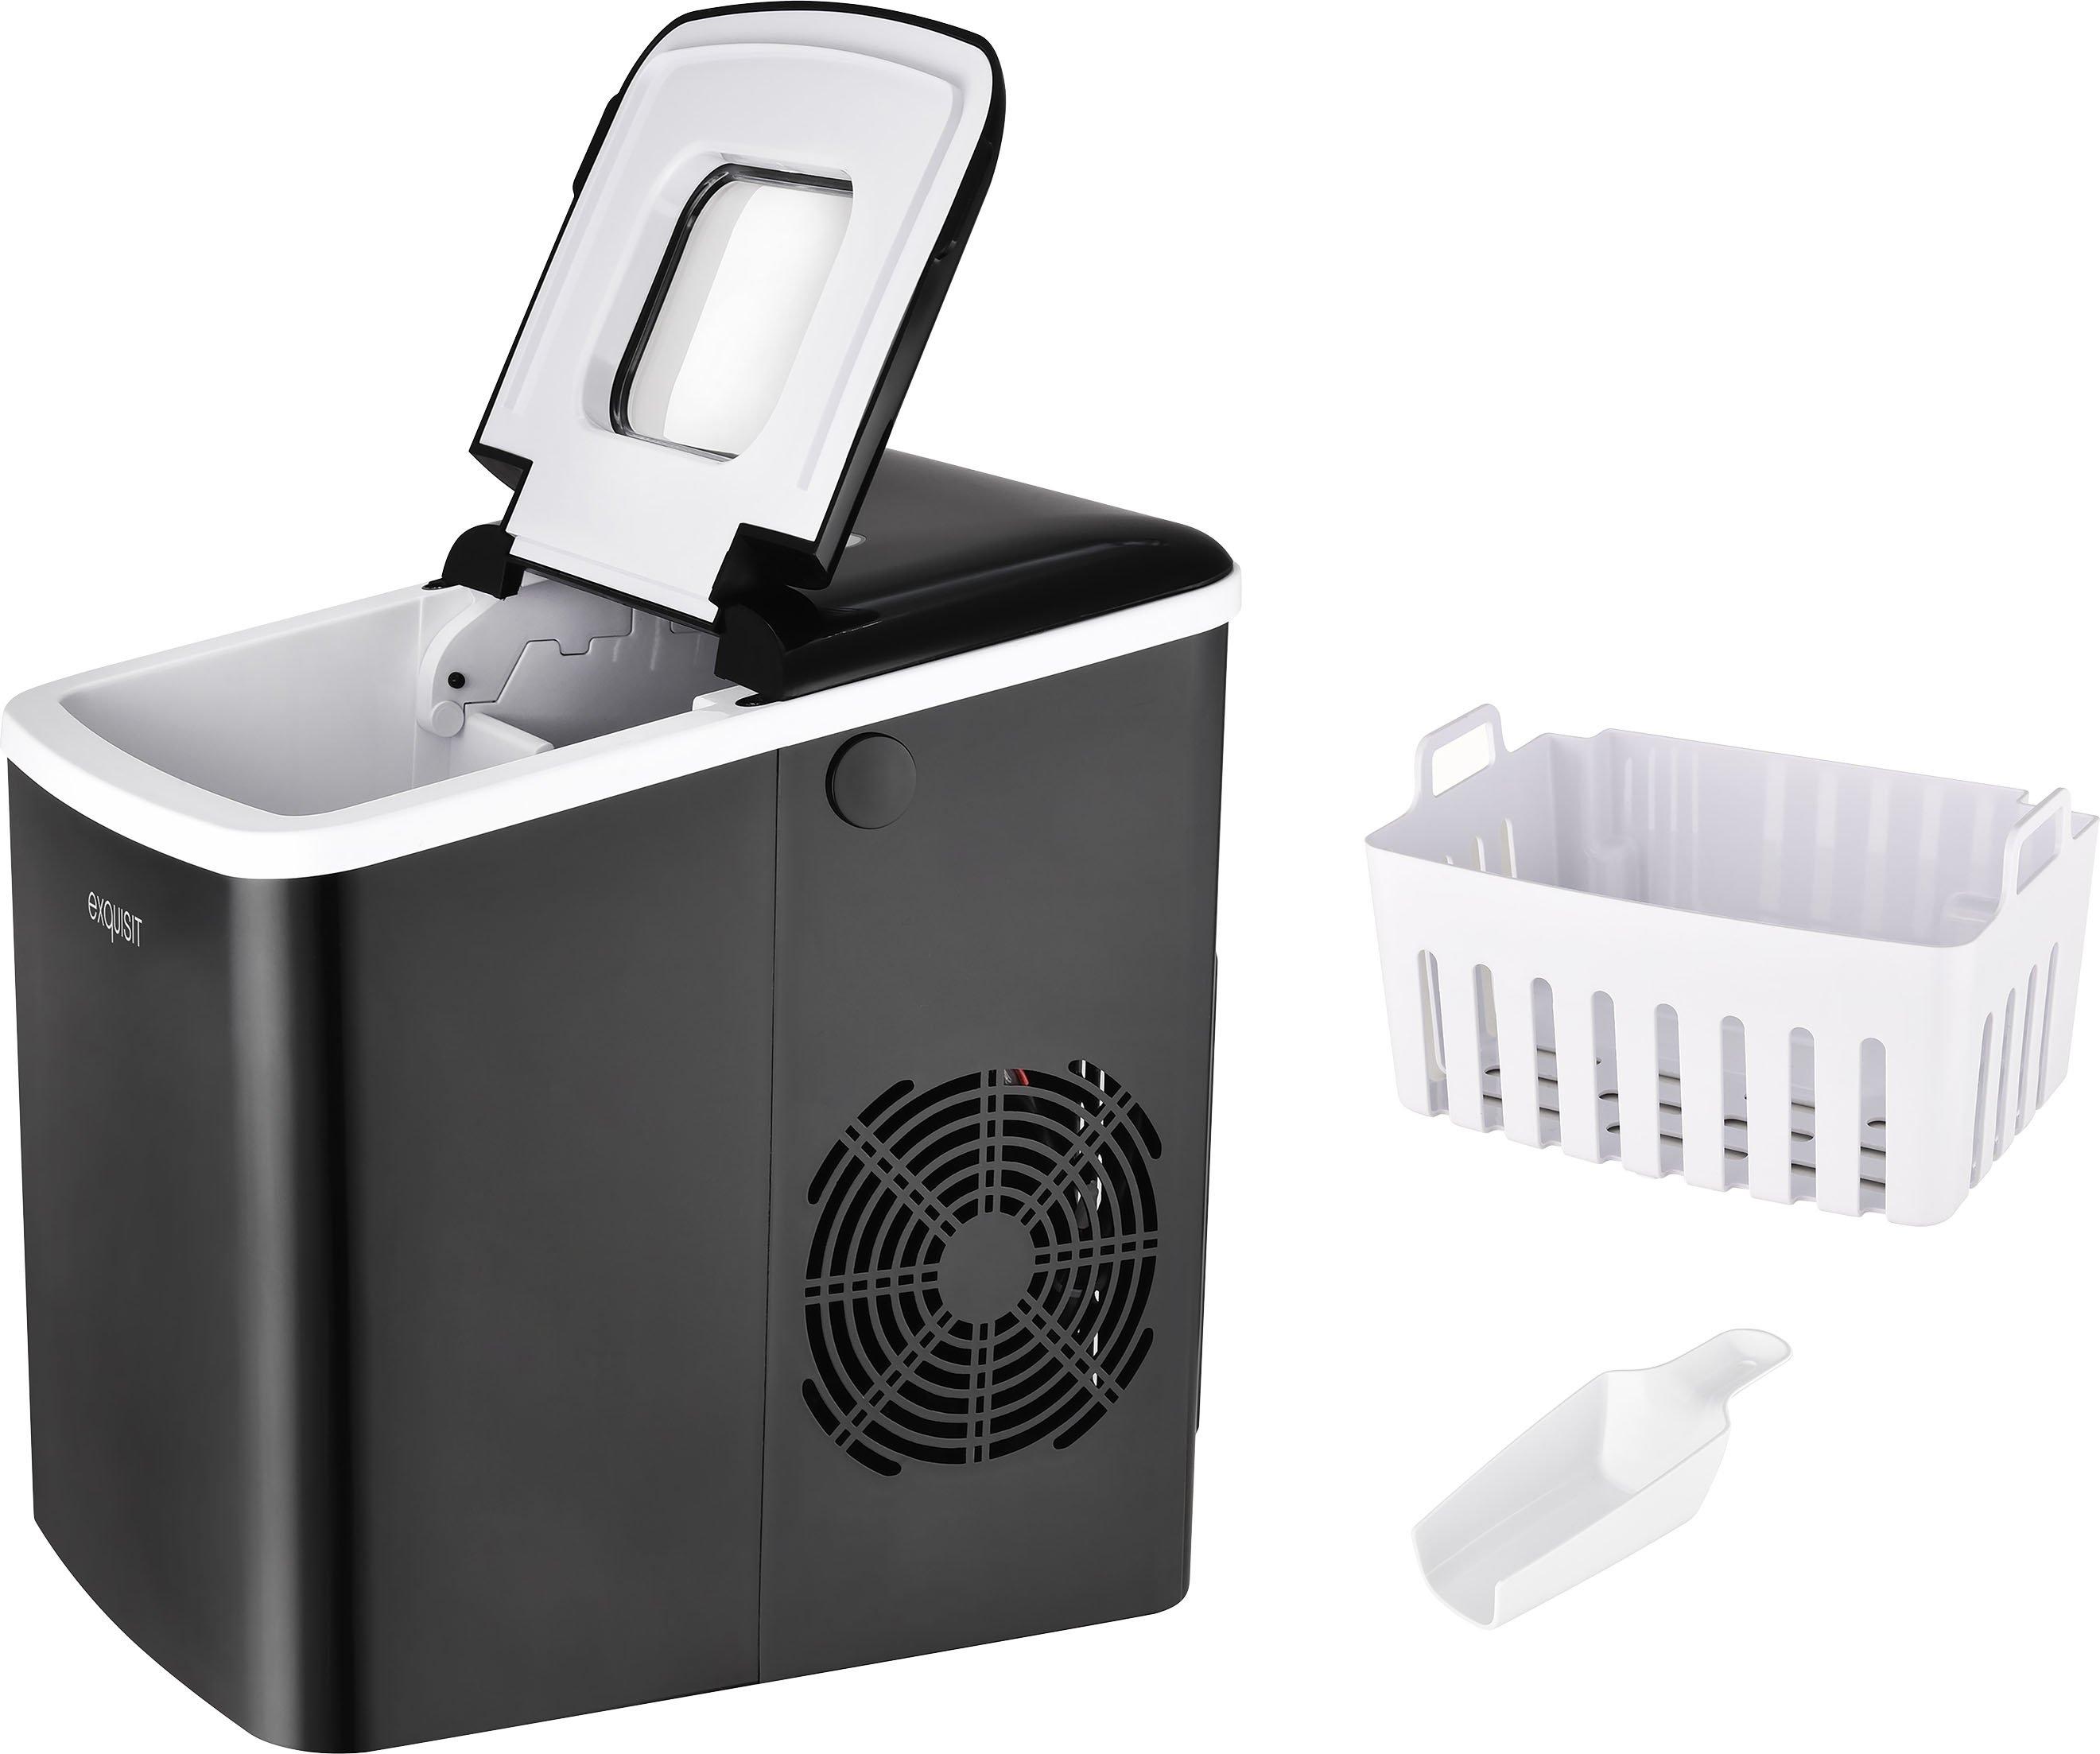 Exquisit ijsblokjesmachine EM 6002 sw veilig op otto.nl kopen